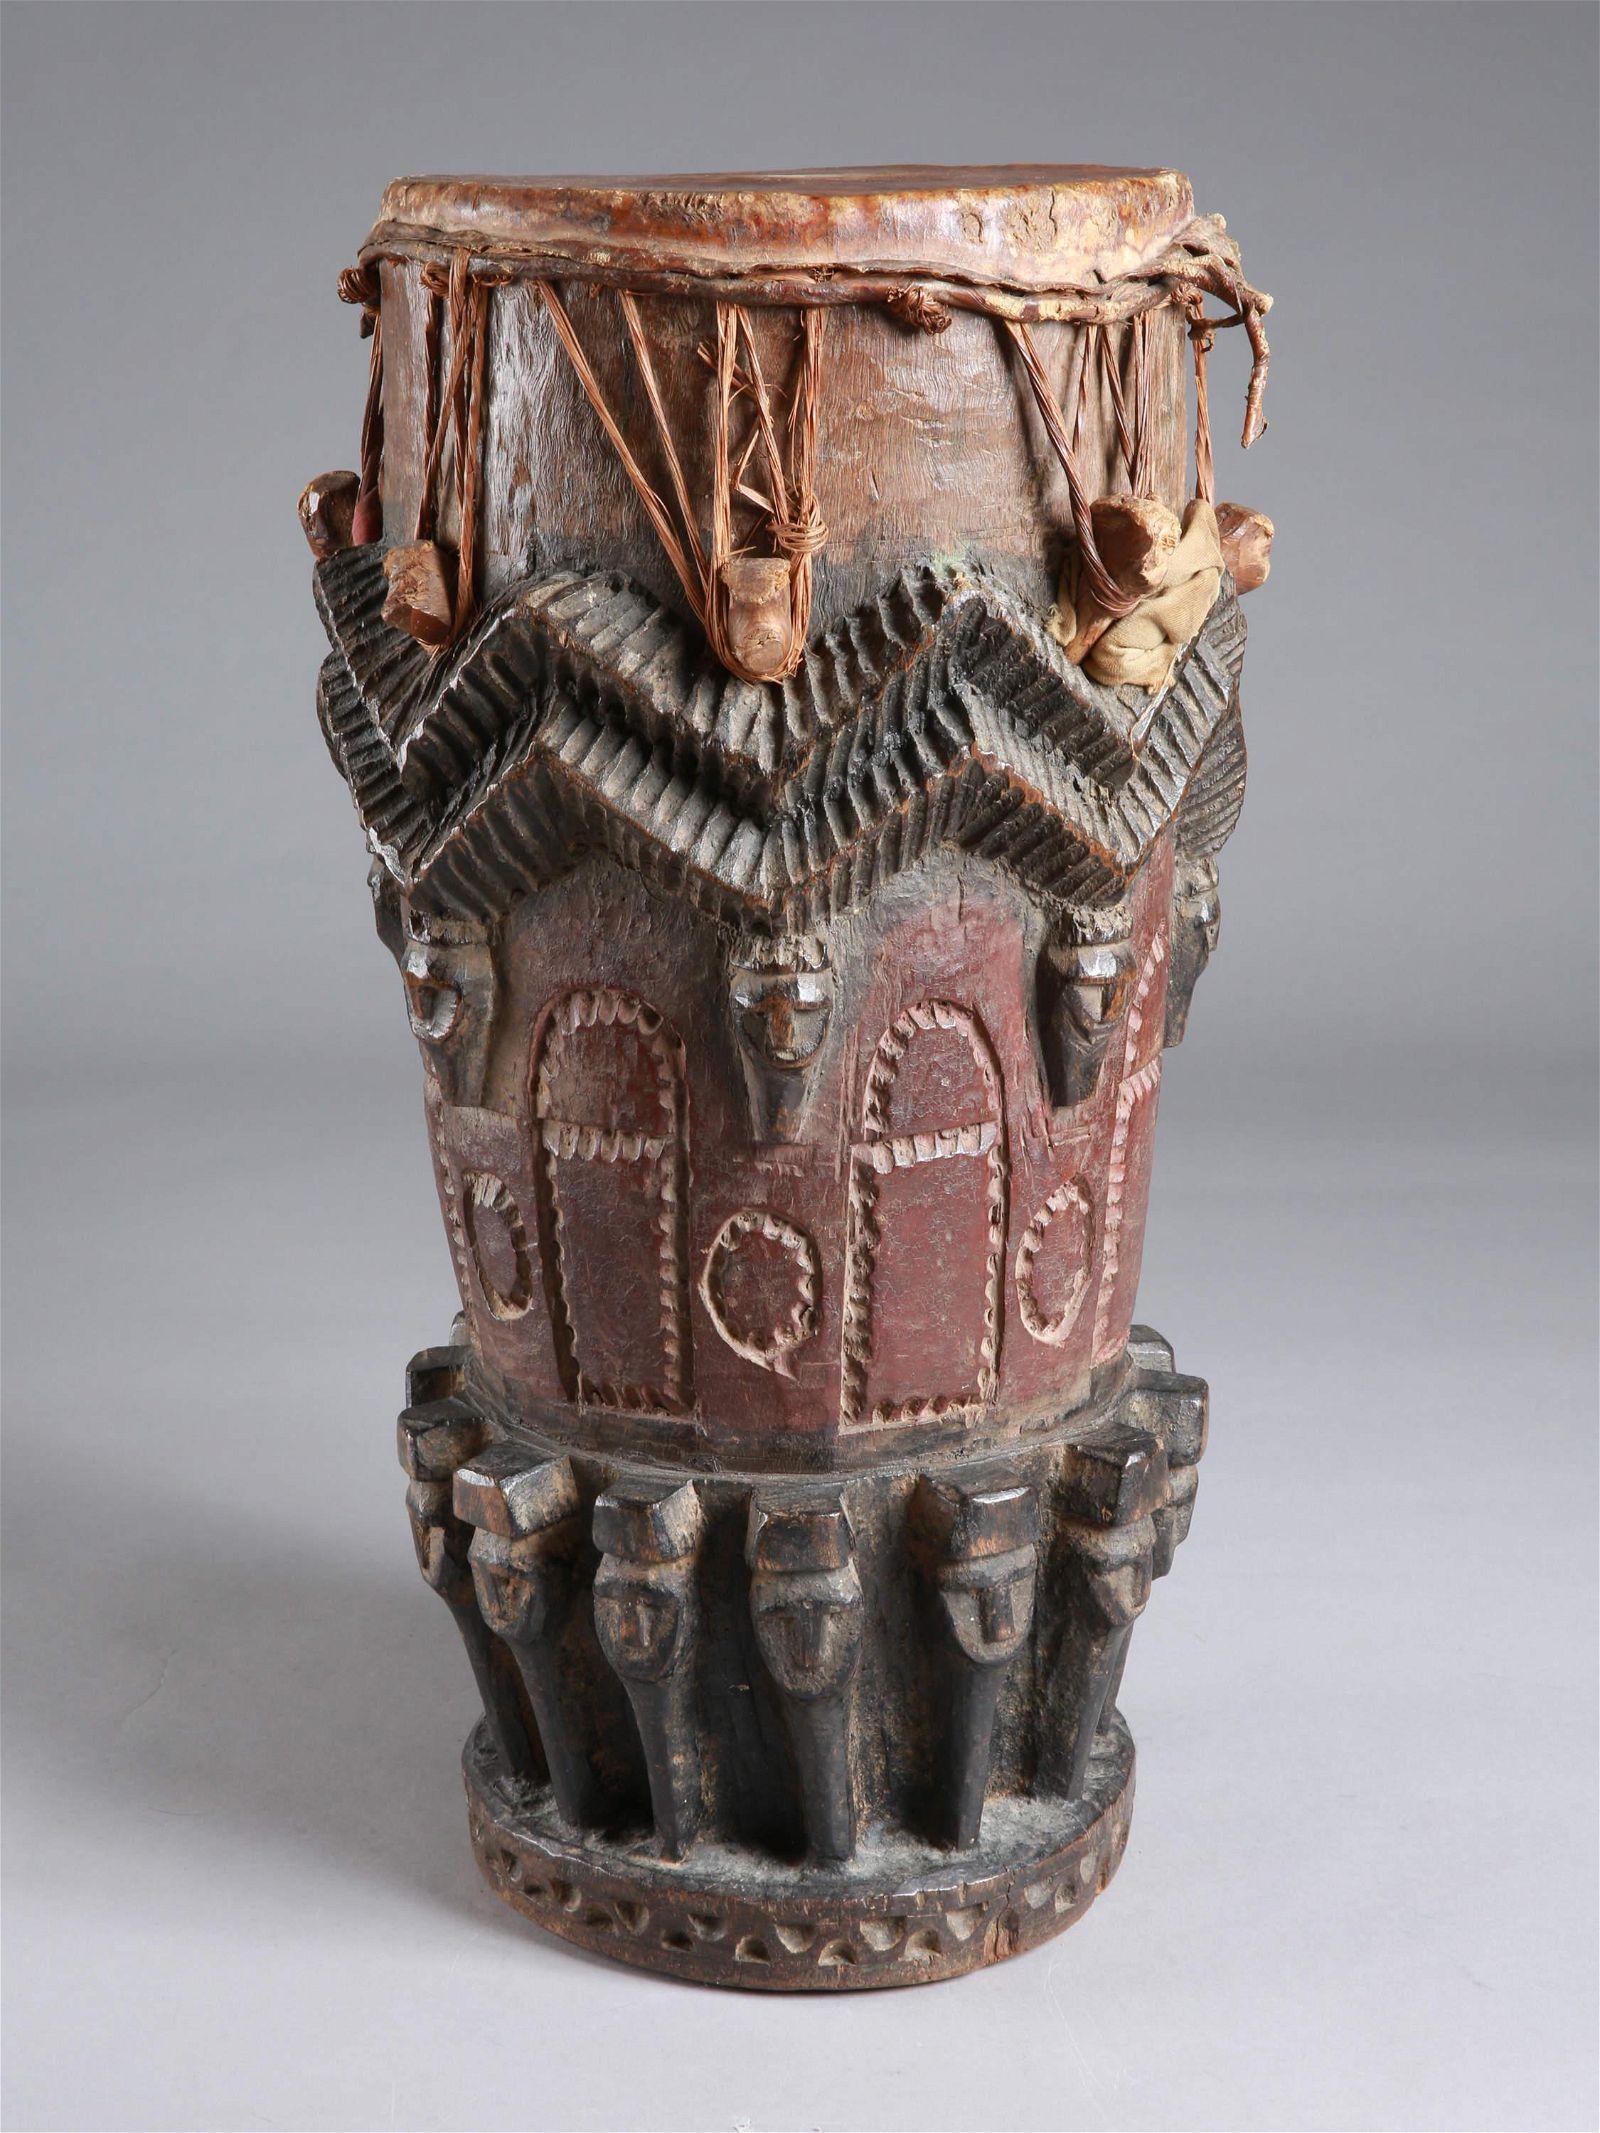 An Akye Drum